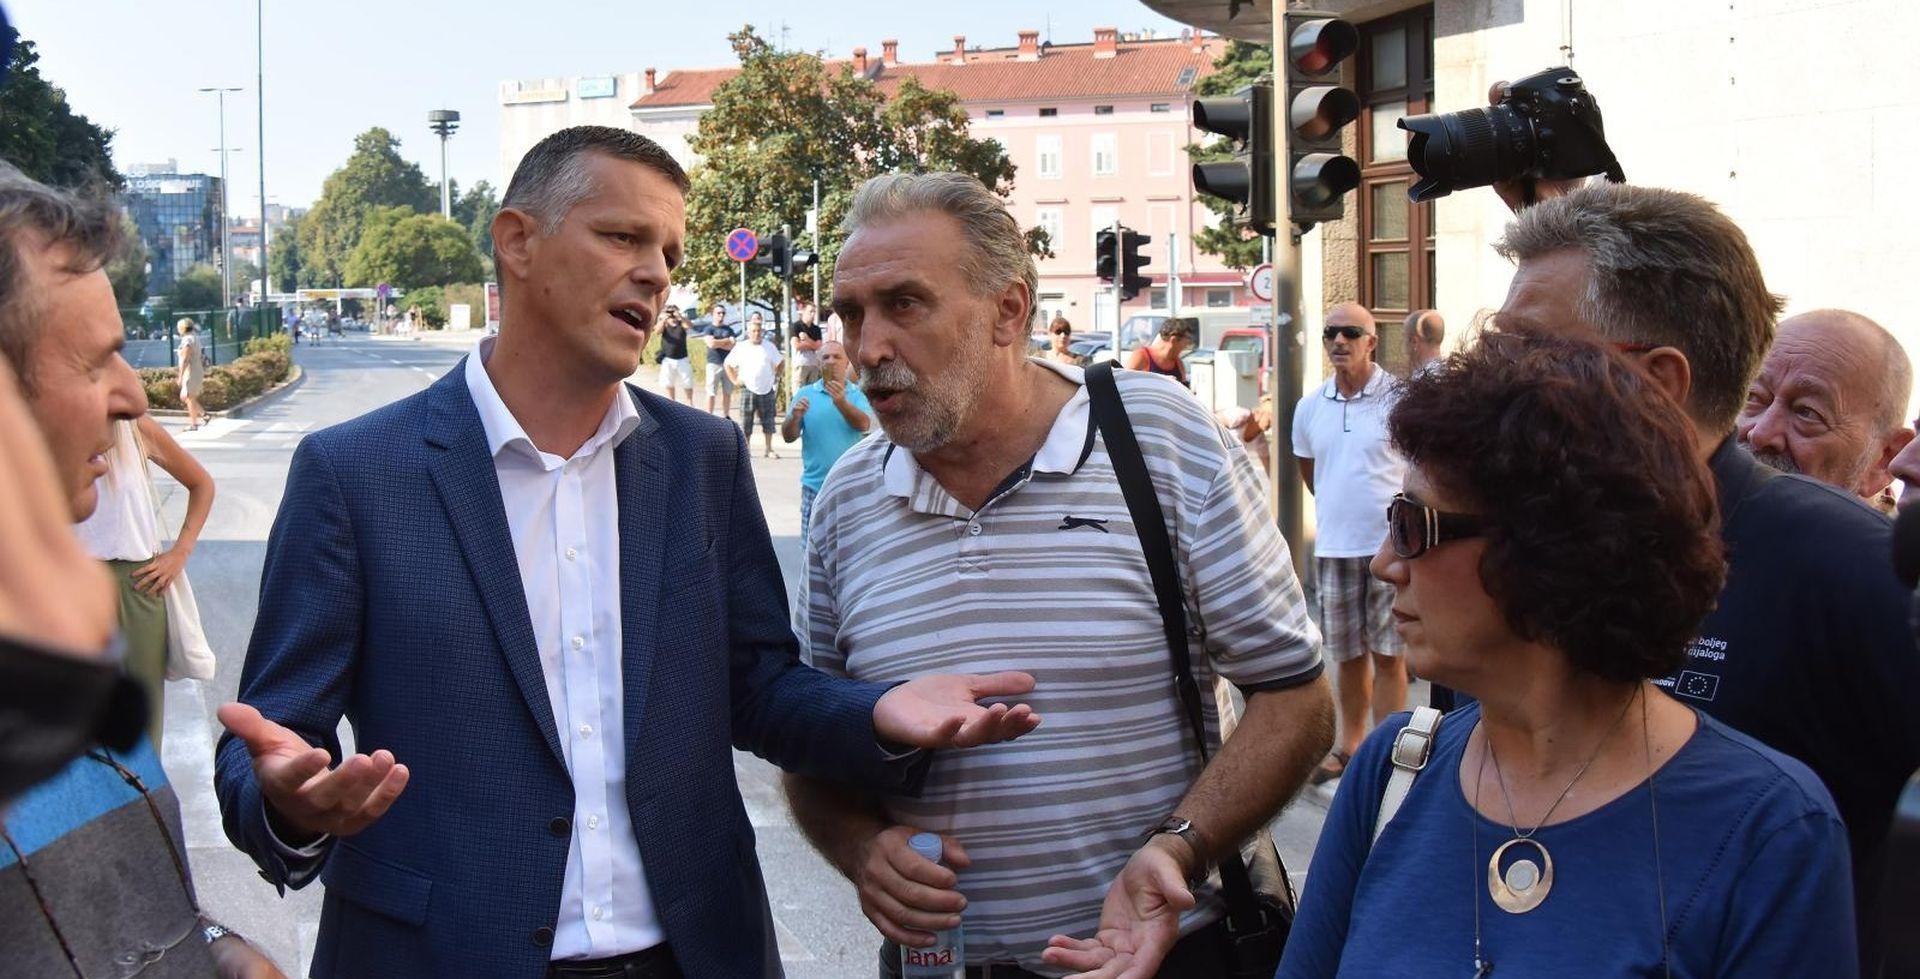 ULJANIK Flego i Miletić traže sastanak s Plenkovićem